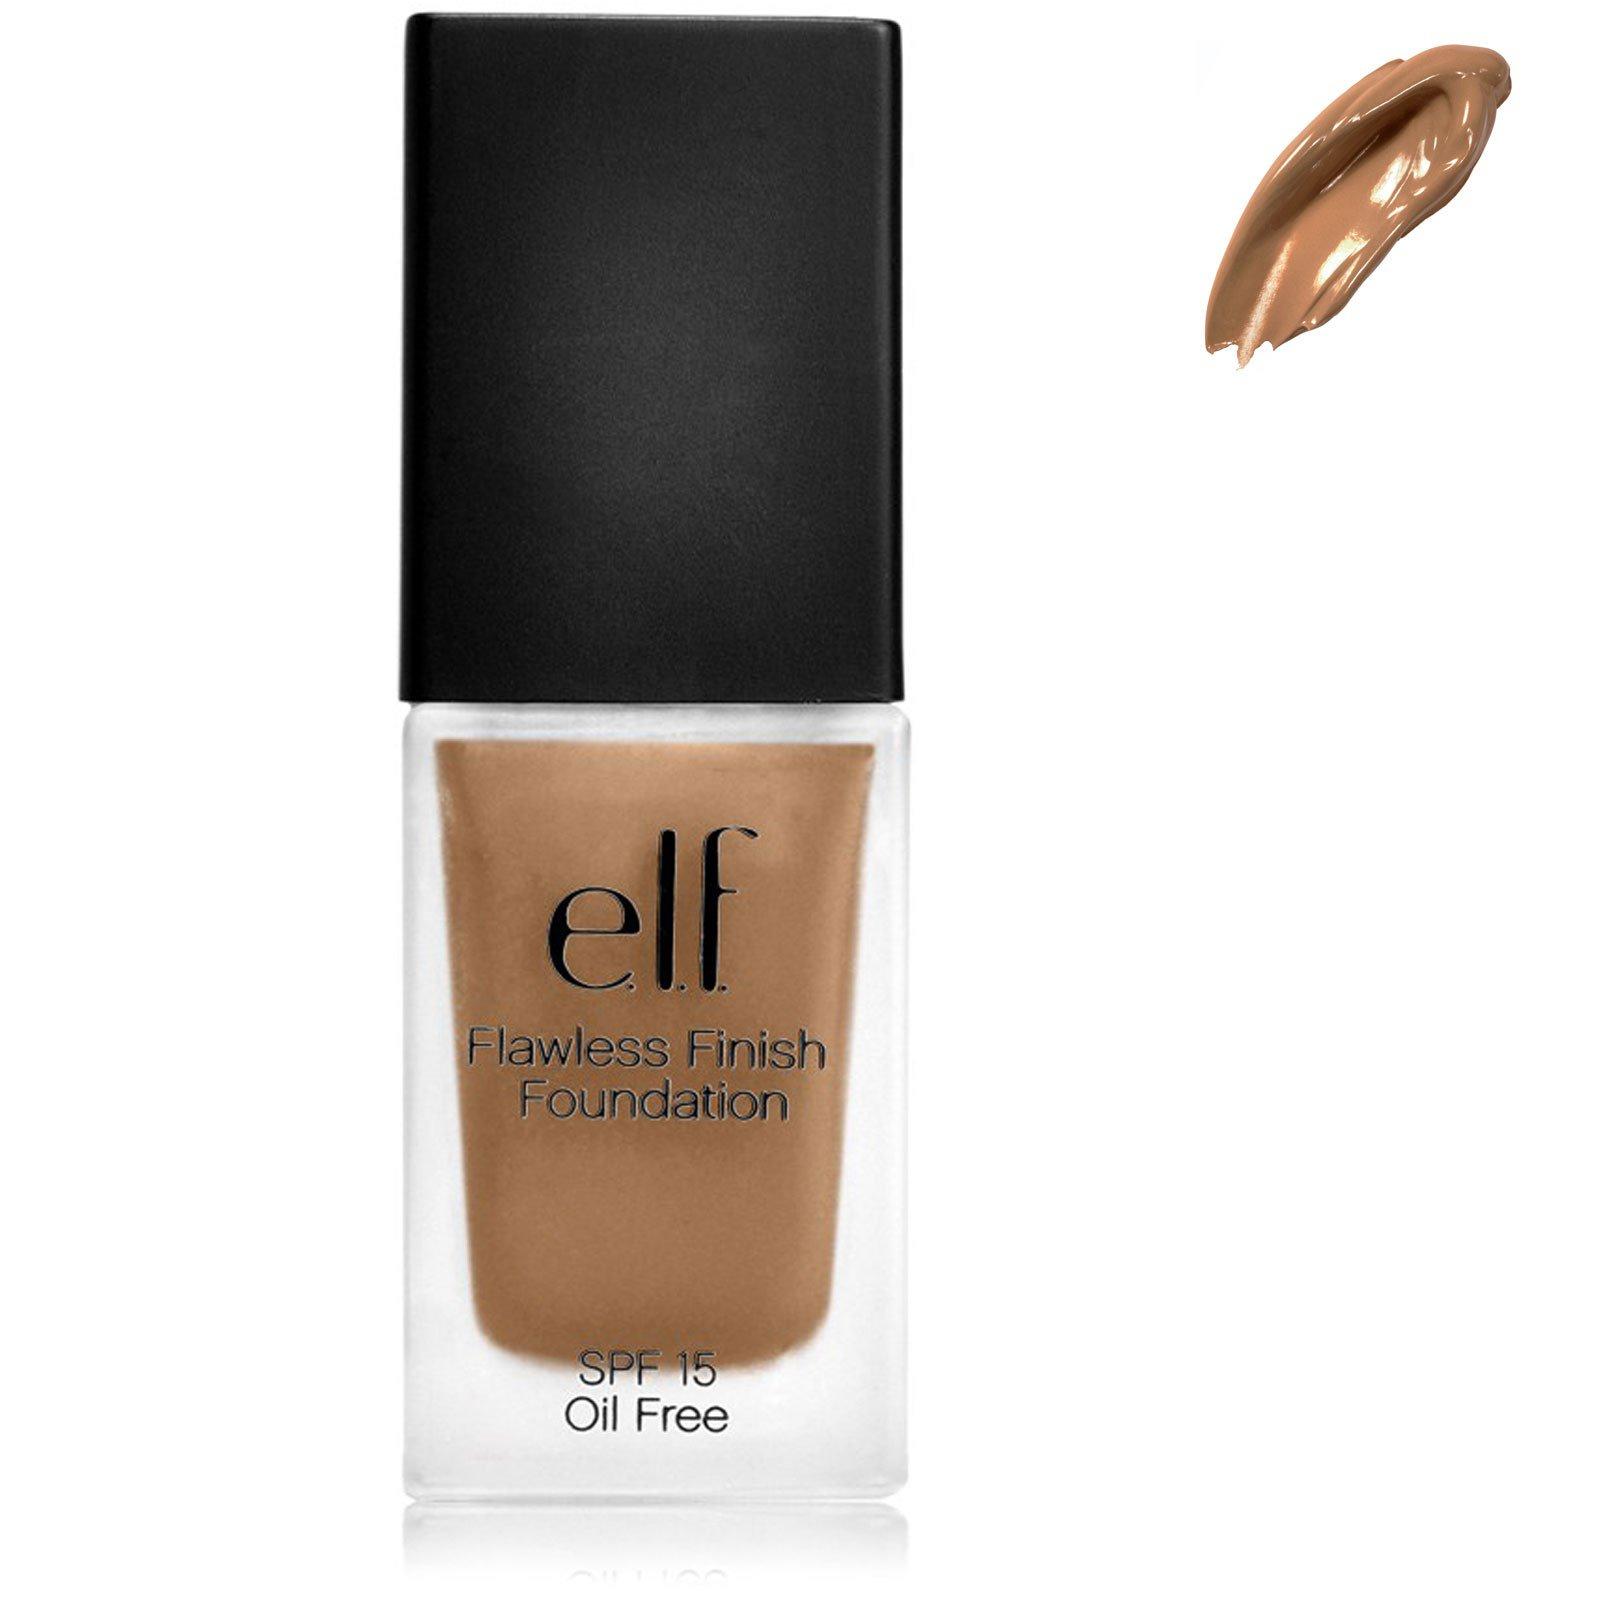 Elf Cosmetics Studio Flawless Finish Foundation Coco 08 Oz Jill Beauty Lip Matte 03 Cocoa 23 G